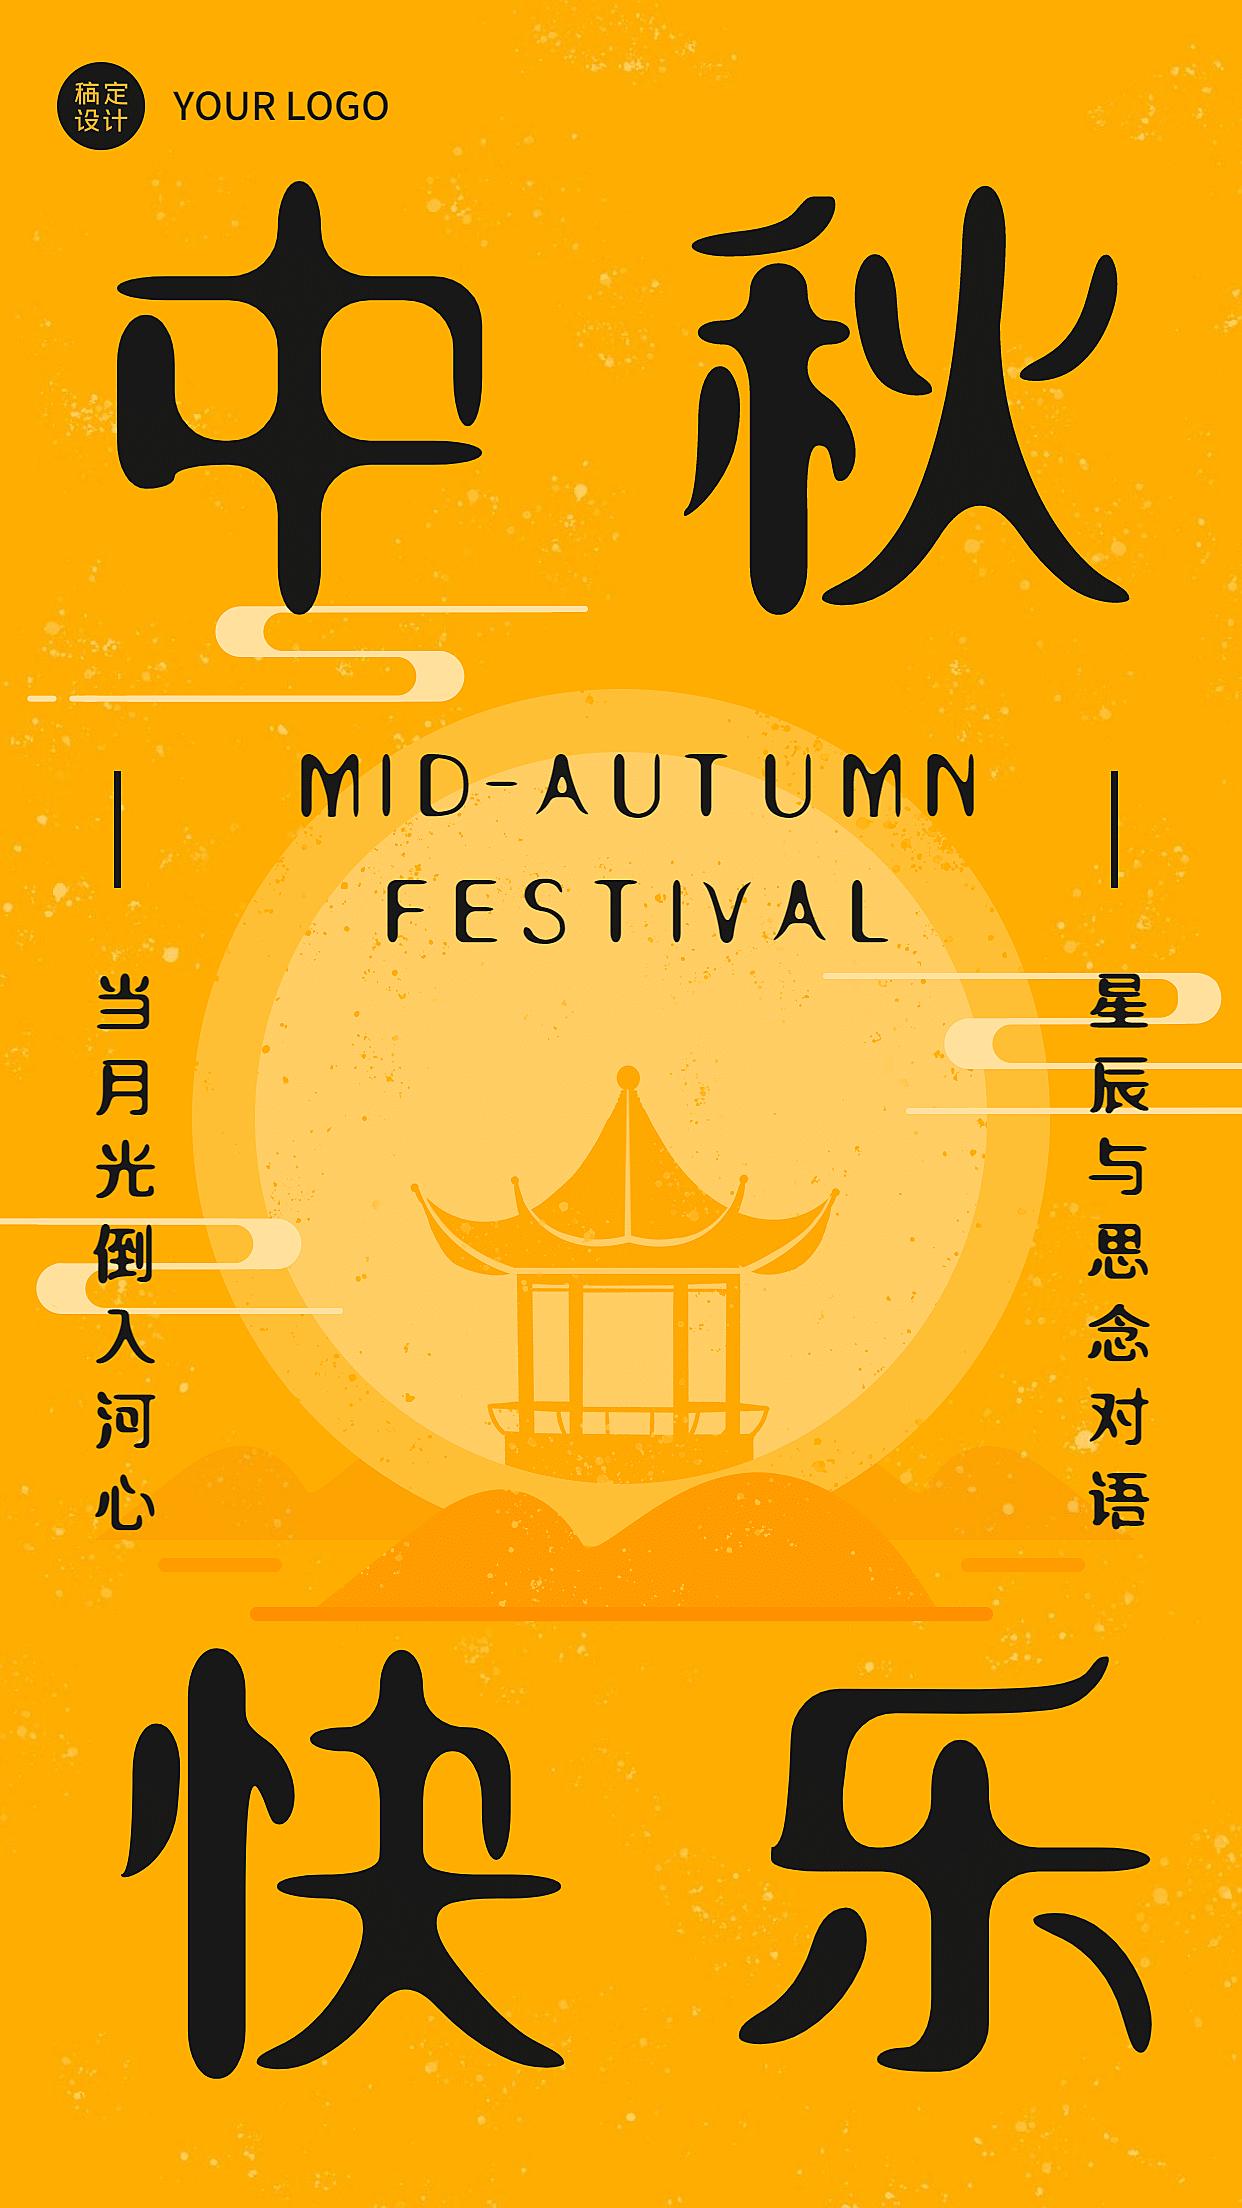 中秋节快乐祝福手绘手机海报